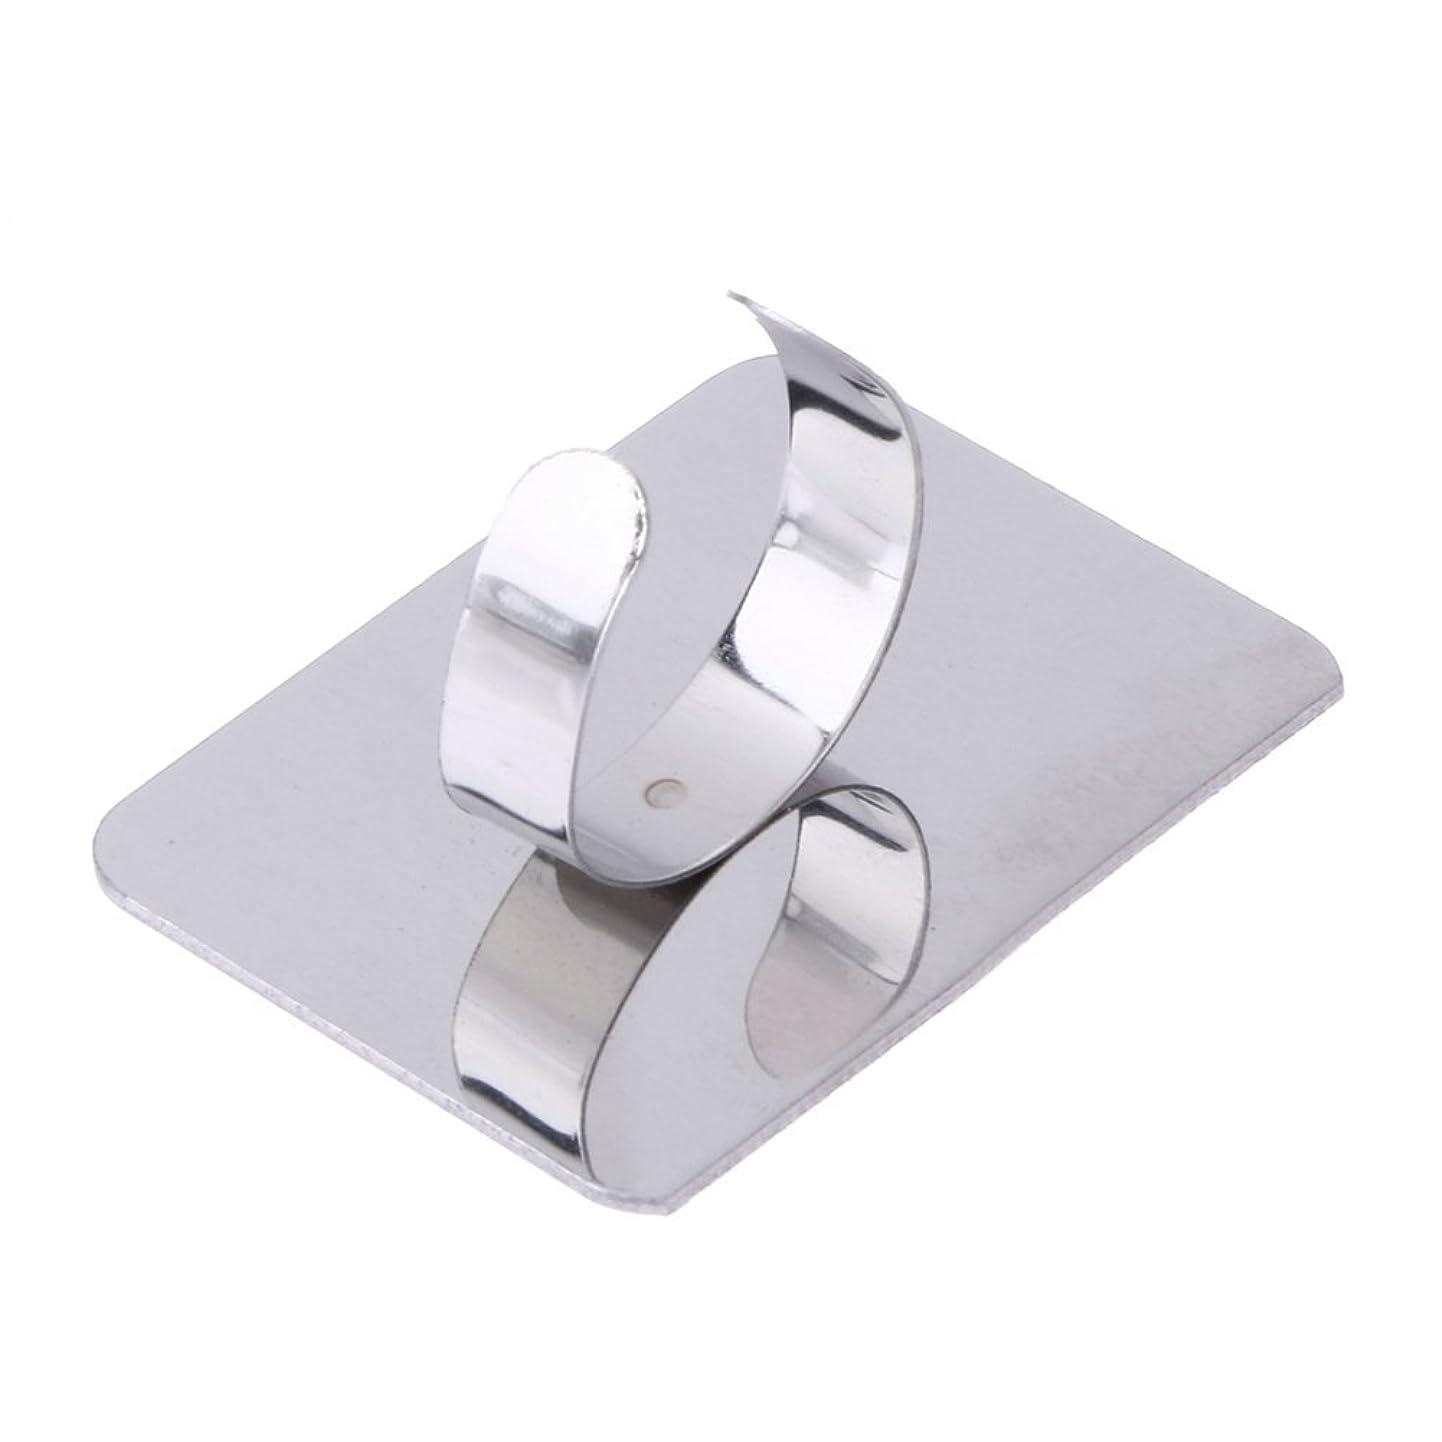 船上セイはさておき昇進1st market プレミアム 人気 ネールアートリキッドファンデーション混合化粧用のステンレス鋼パレット調節リング 便利